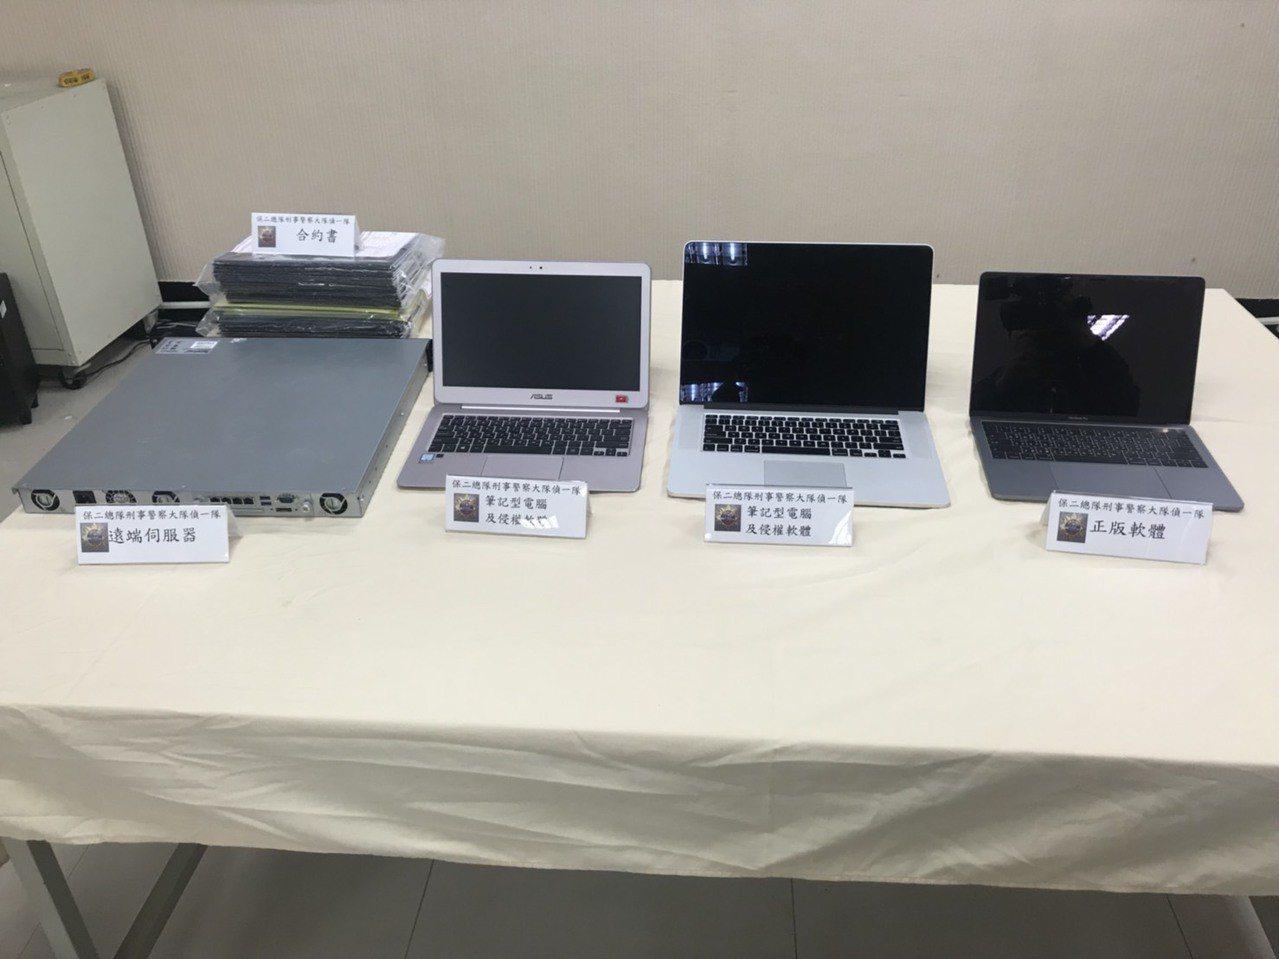 警方逮捕陳姓男子,查扣97本合約書、伺服器主機、侵權軟體。記者袁志豪/攝影